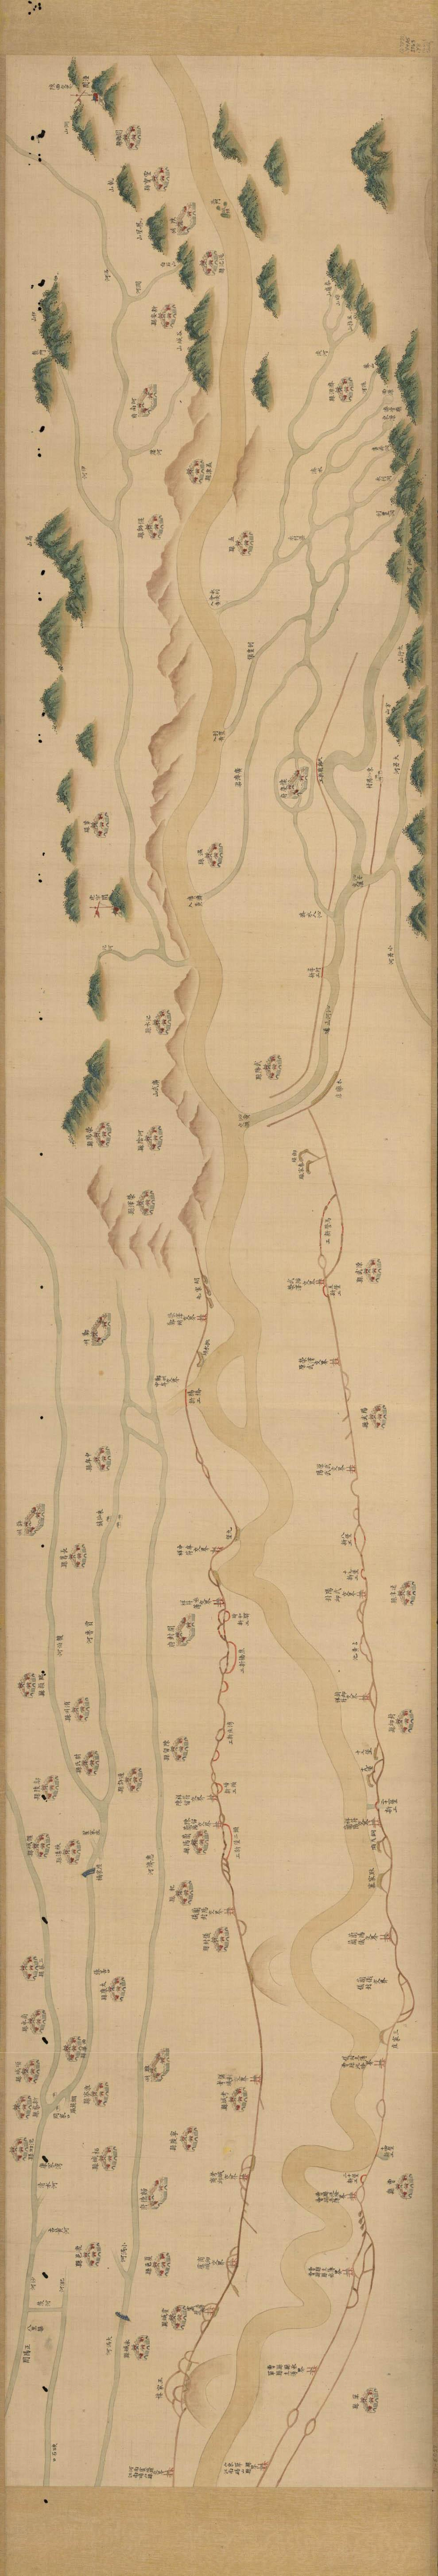 河南界限内黄河流域分布及沿线县城清代乾隆年间《豫省黄河全图》